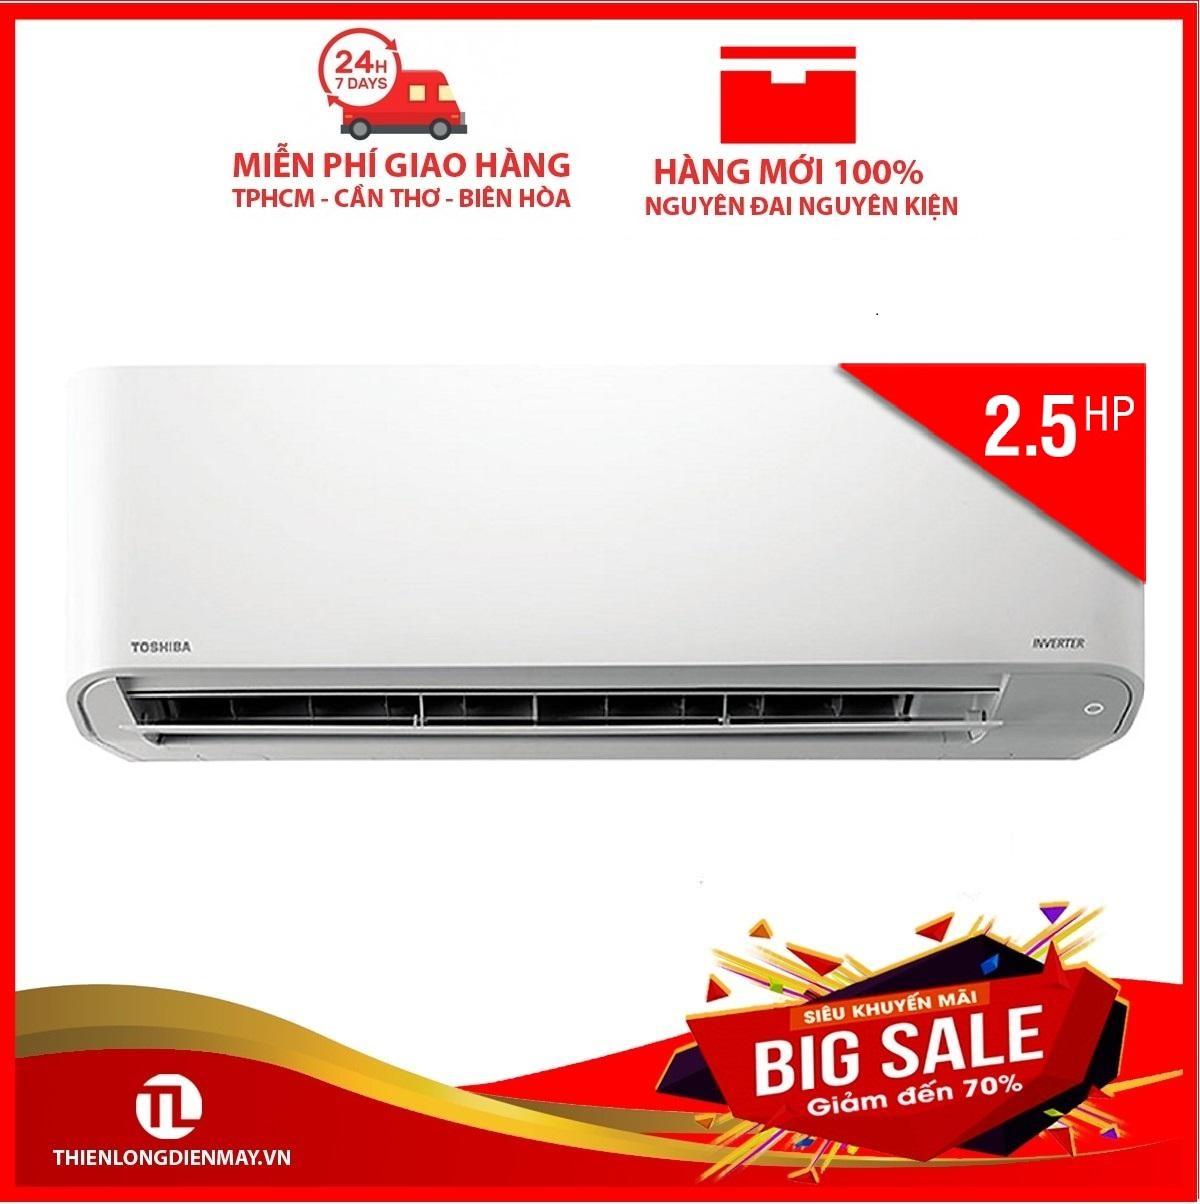 Bảng giá Máy Lạnh Inverter Toshiba H24PKCVG-V (2.5 HP)